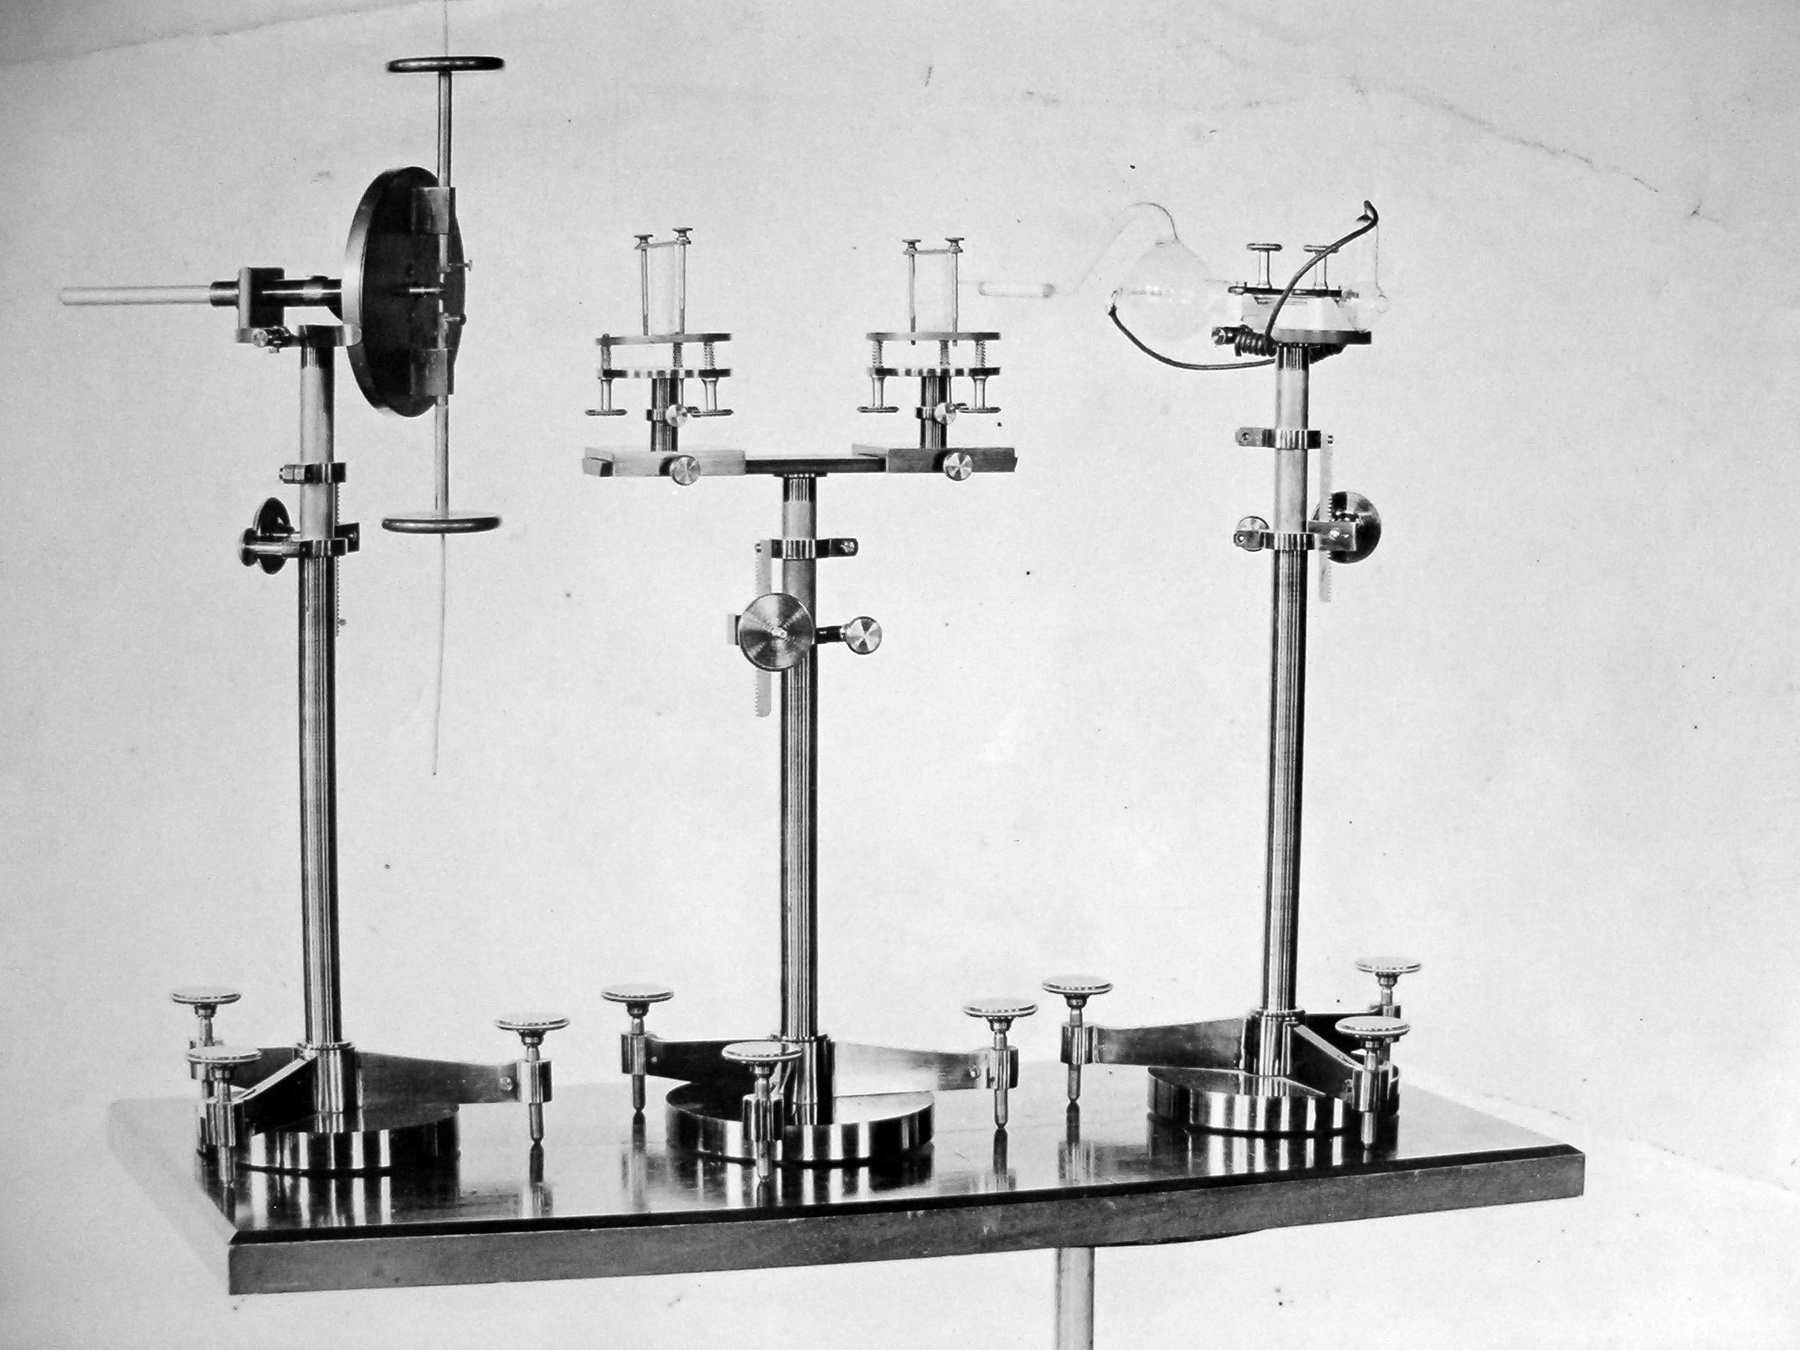 Színkép-fényképező összeállítás: 15.8/95 mm-es Steinheil-aplanátos kamera,  Schmidt-Haensch spektroszkóp,  Gothard-féle állvány (1884)